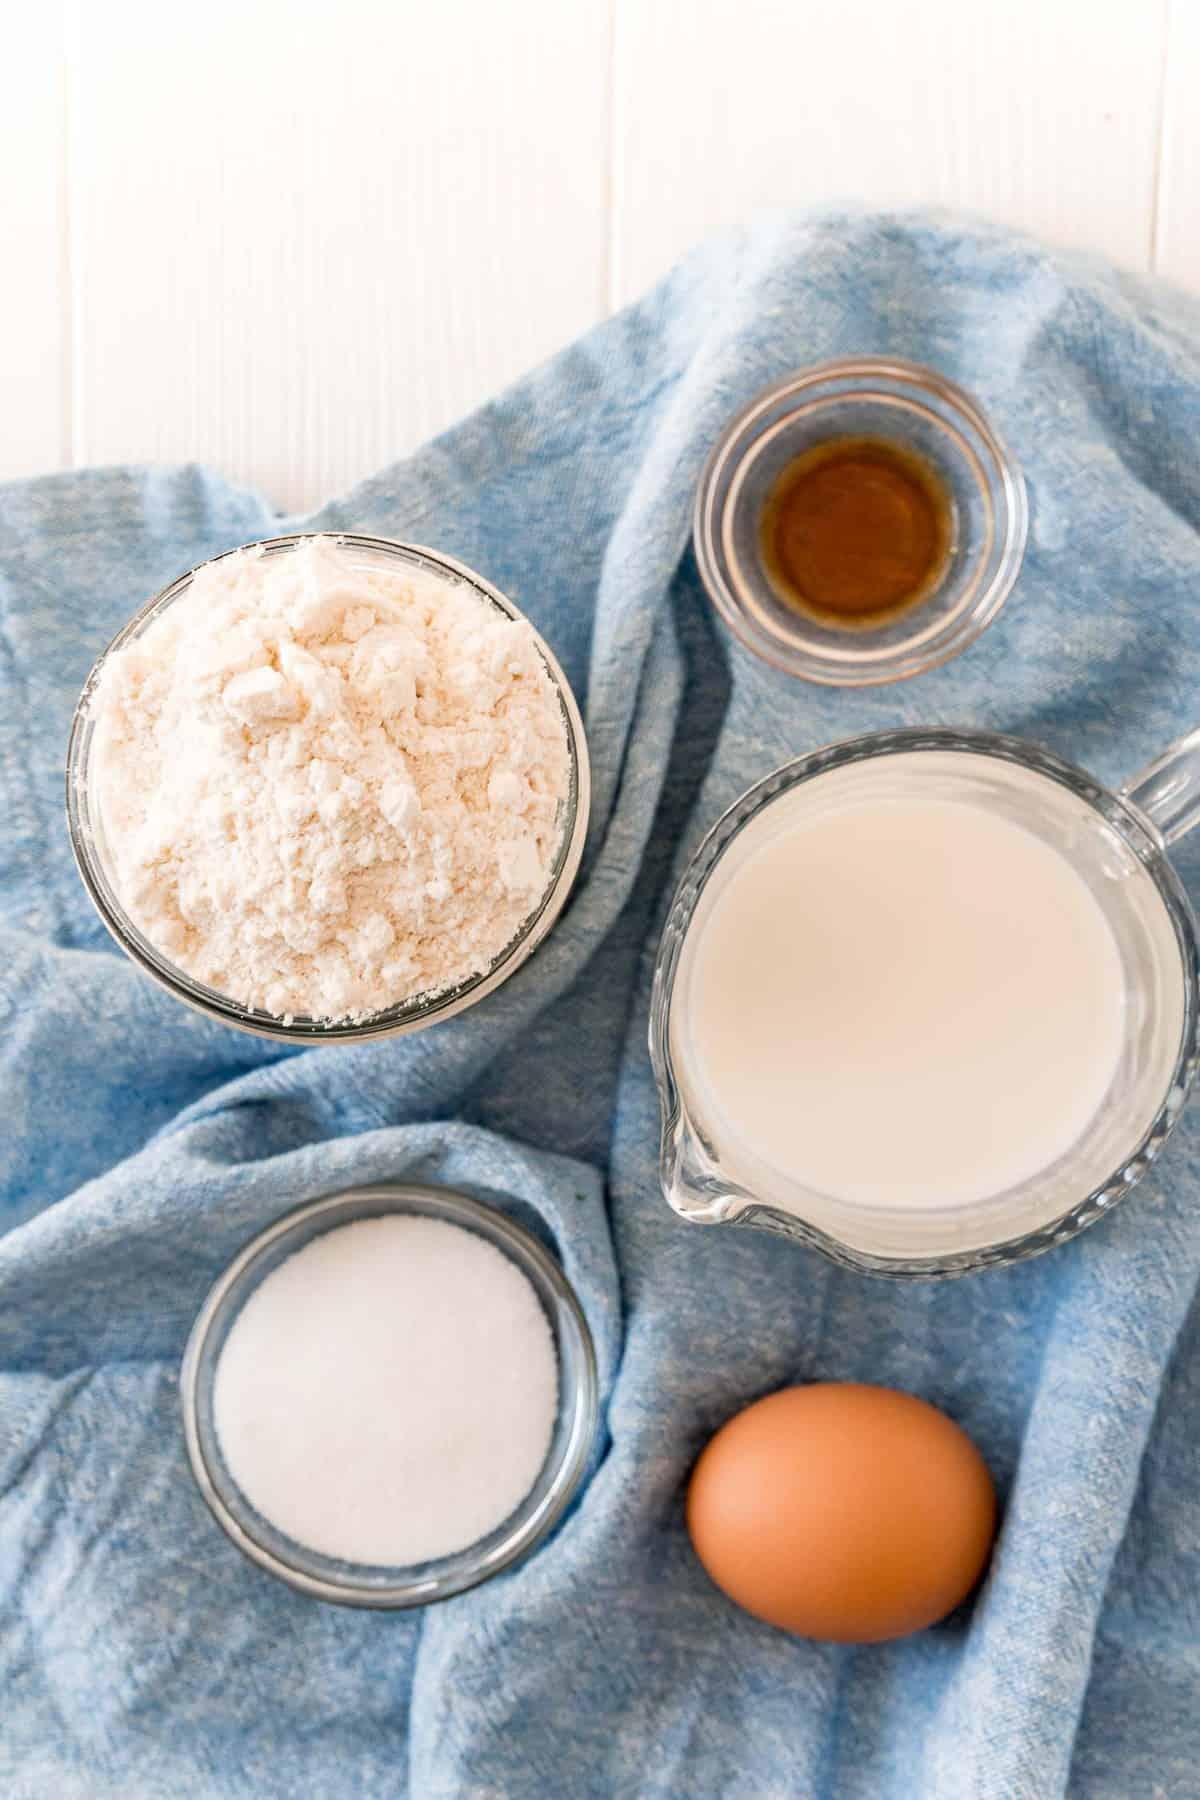 Overhead view of ingredients: Milk, bisquick, vanilla, sugar, egg.